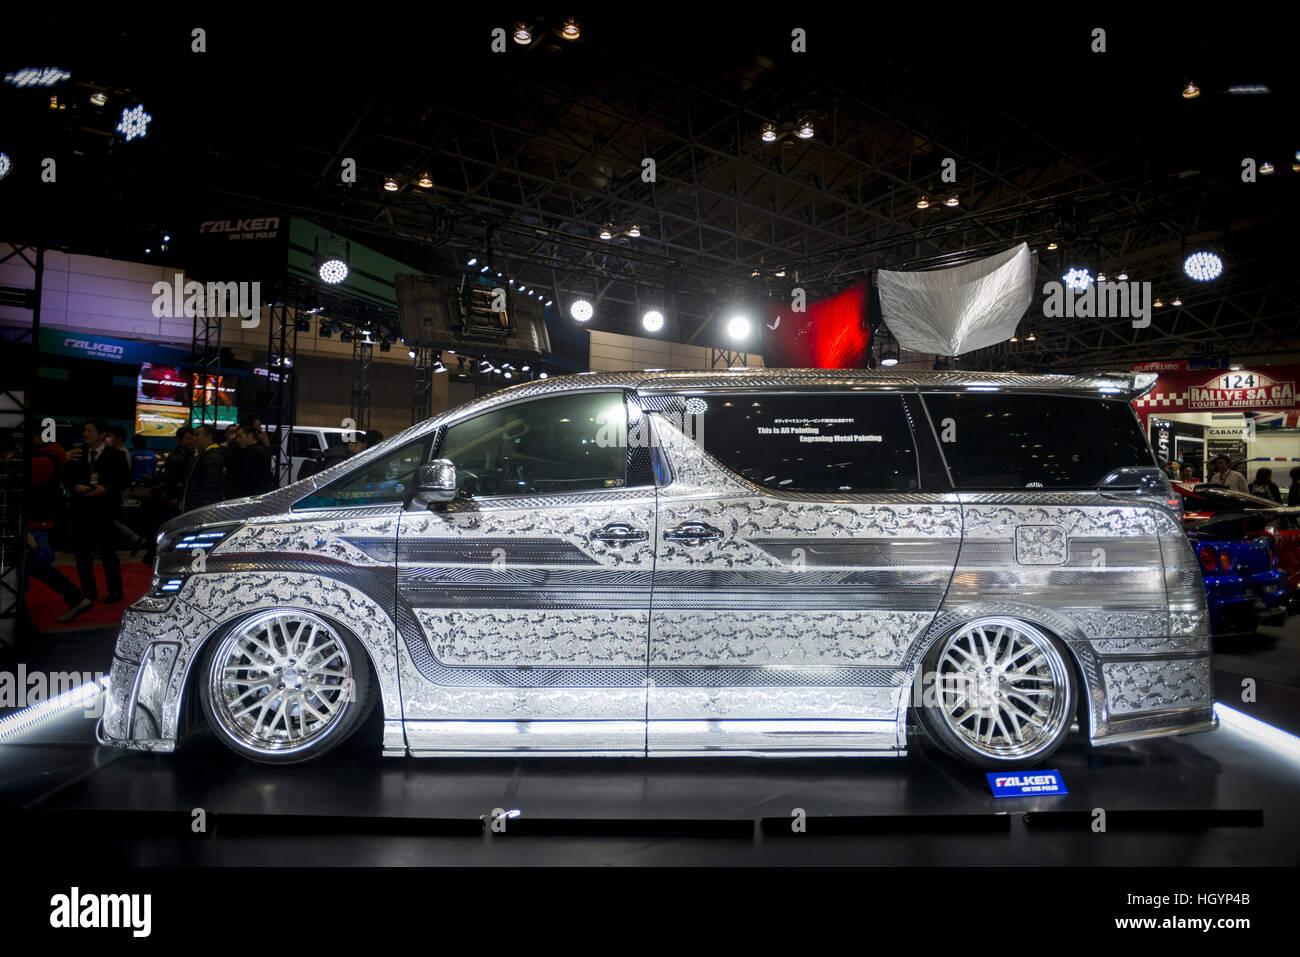 Japan Custom Car Show Stockfotos & Japan Custom Car Show Bilder ...